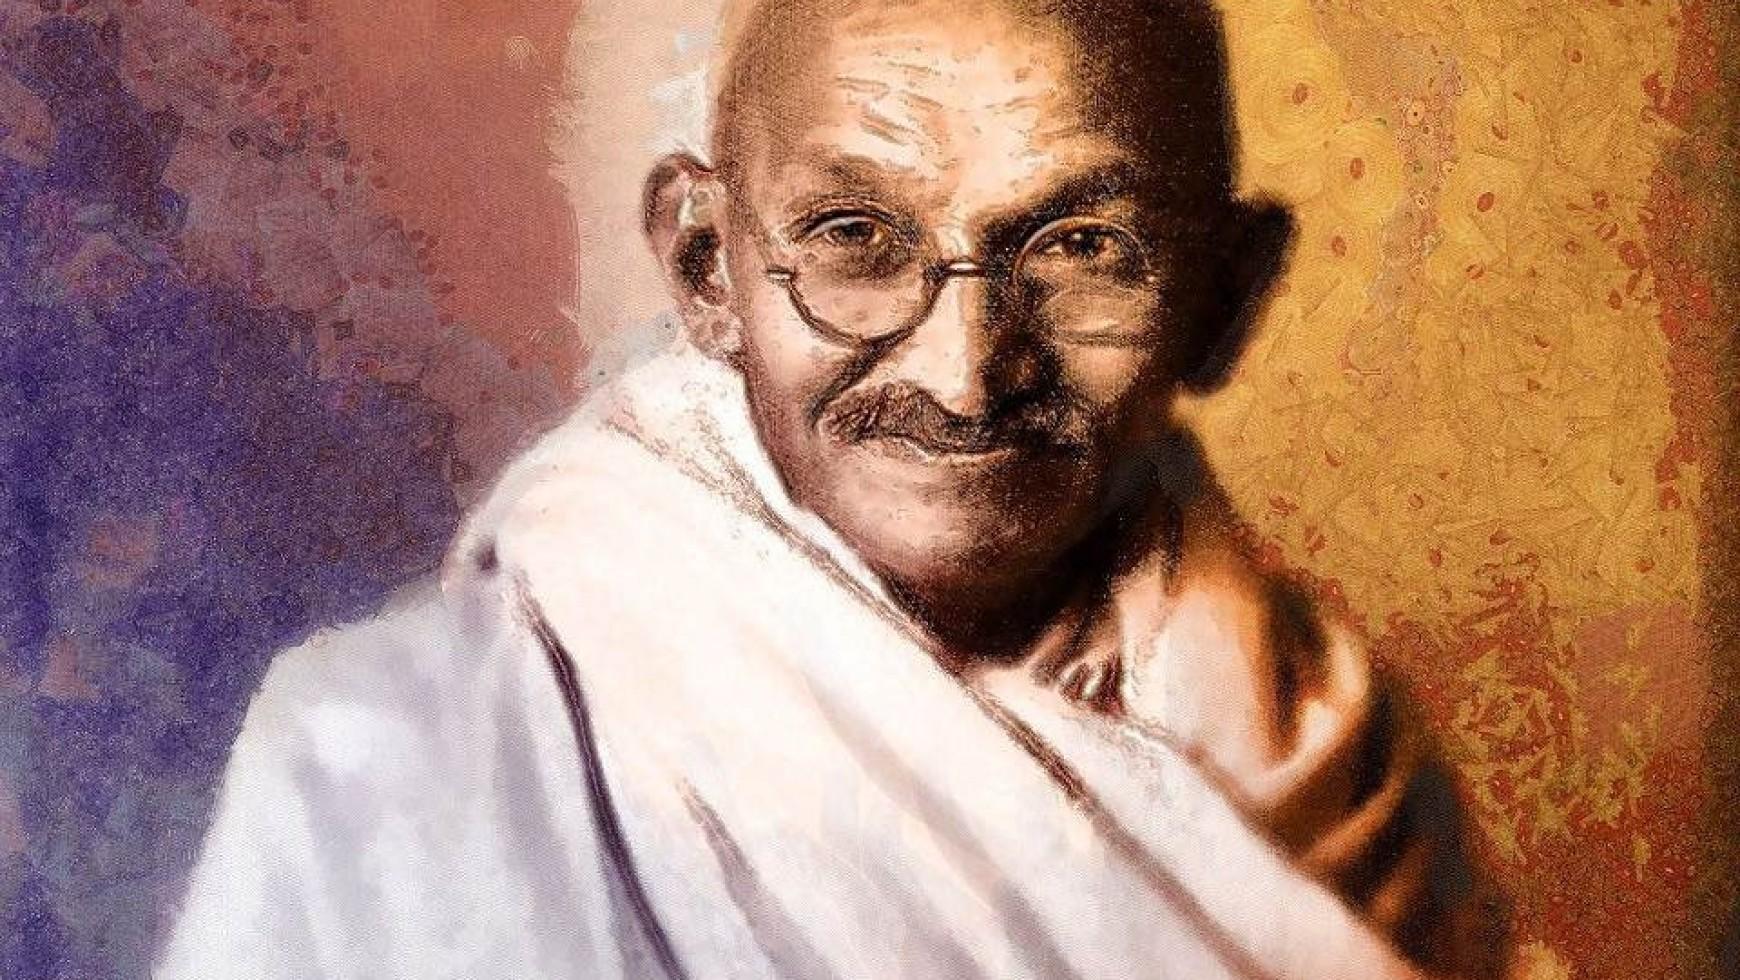 Viaggio nei Coach della Storia: Mahatma Gandhi